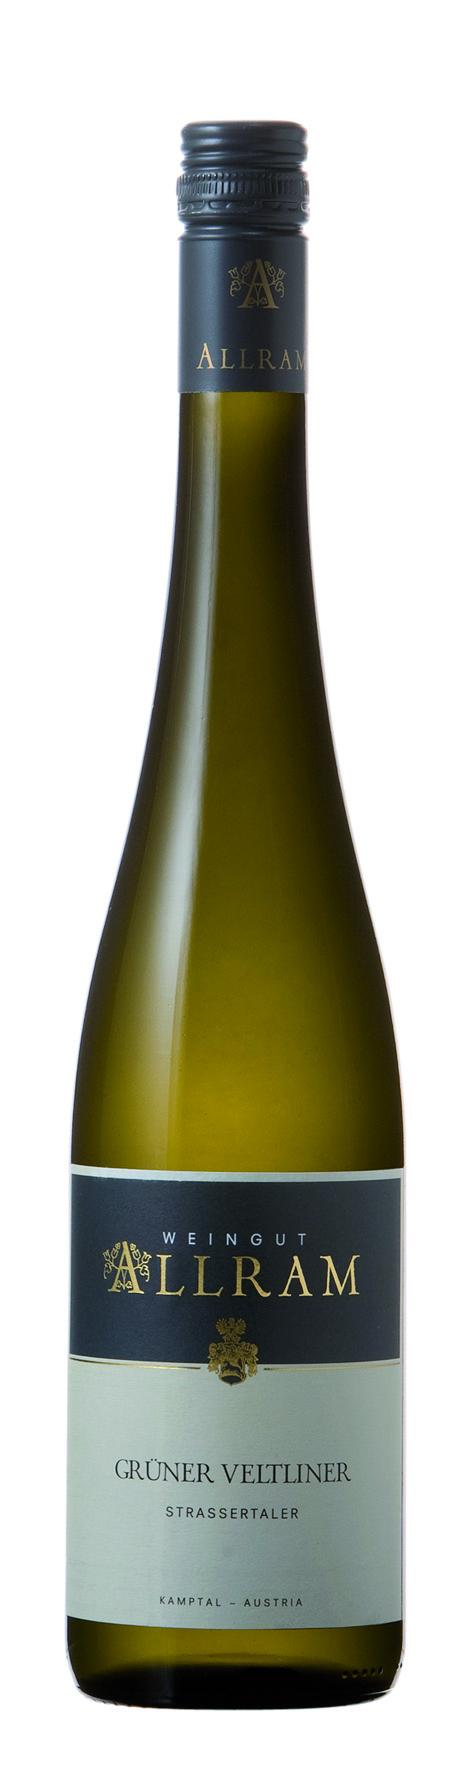 Weingut Allram Grüner Veltliner, Strassertaler